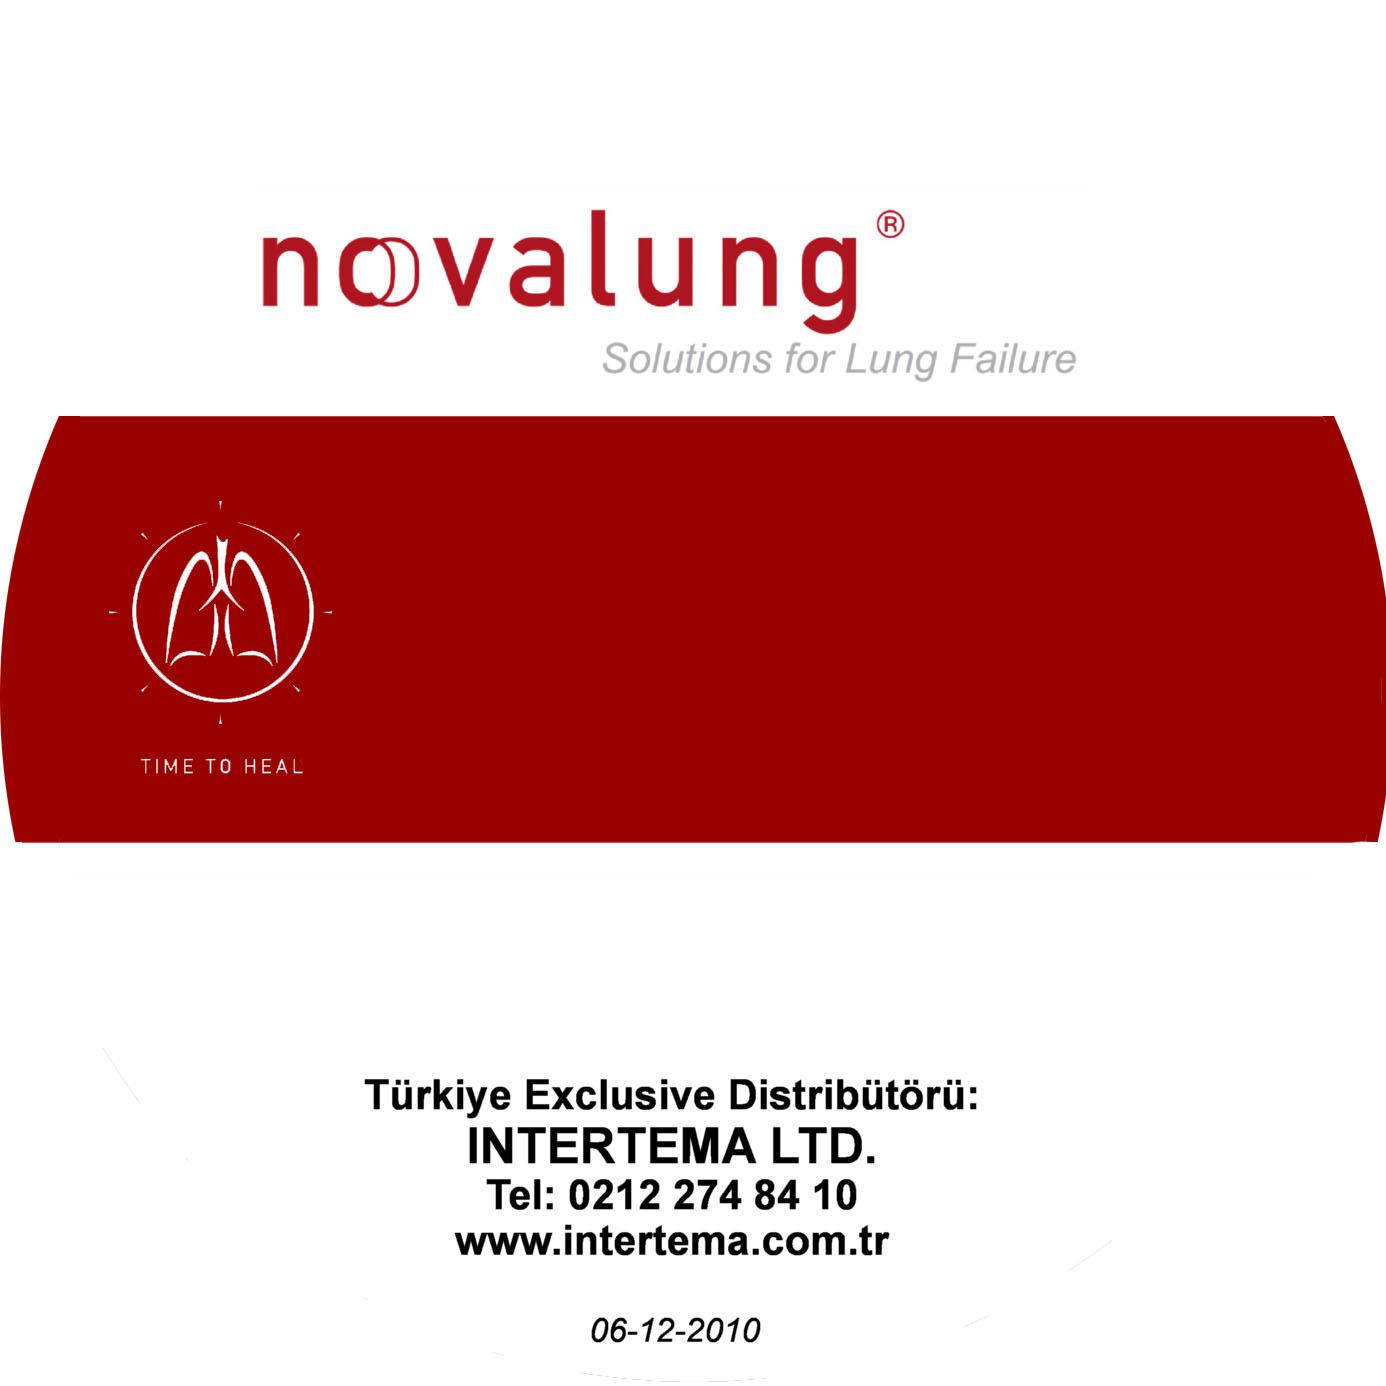 Novalung